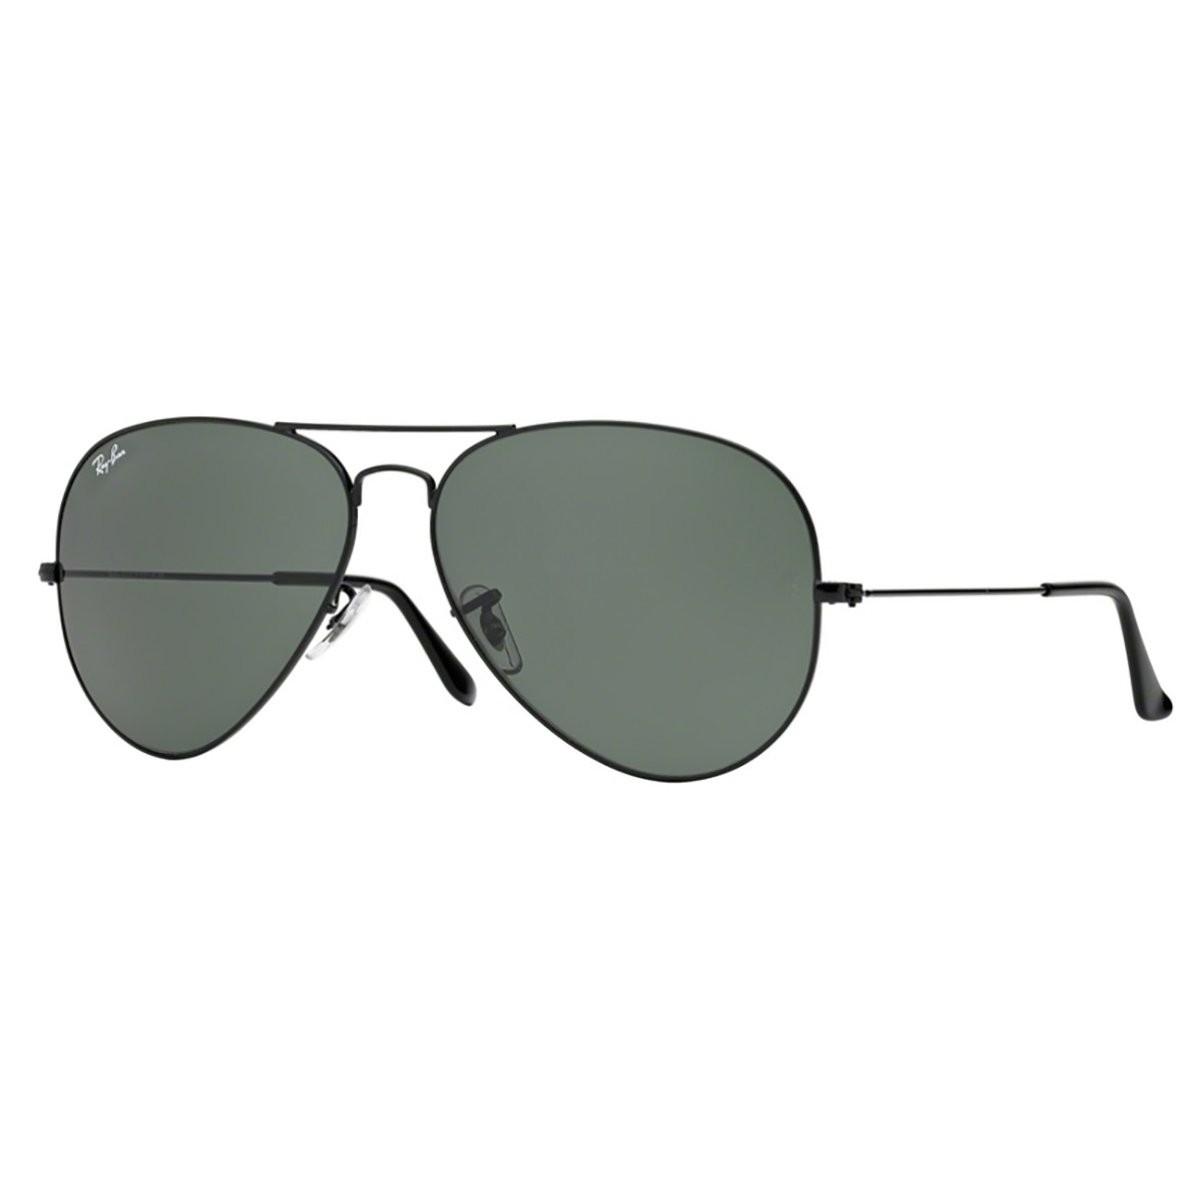 Óculos de Sol Ray Ban Aviador RB3026 64a7a18fa3